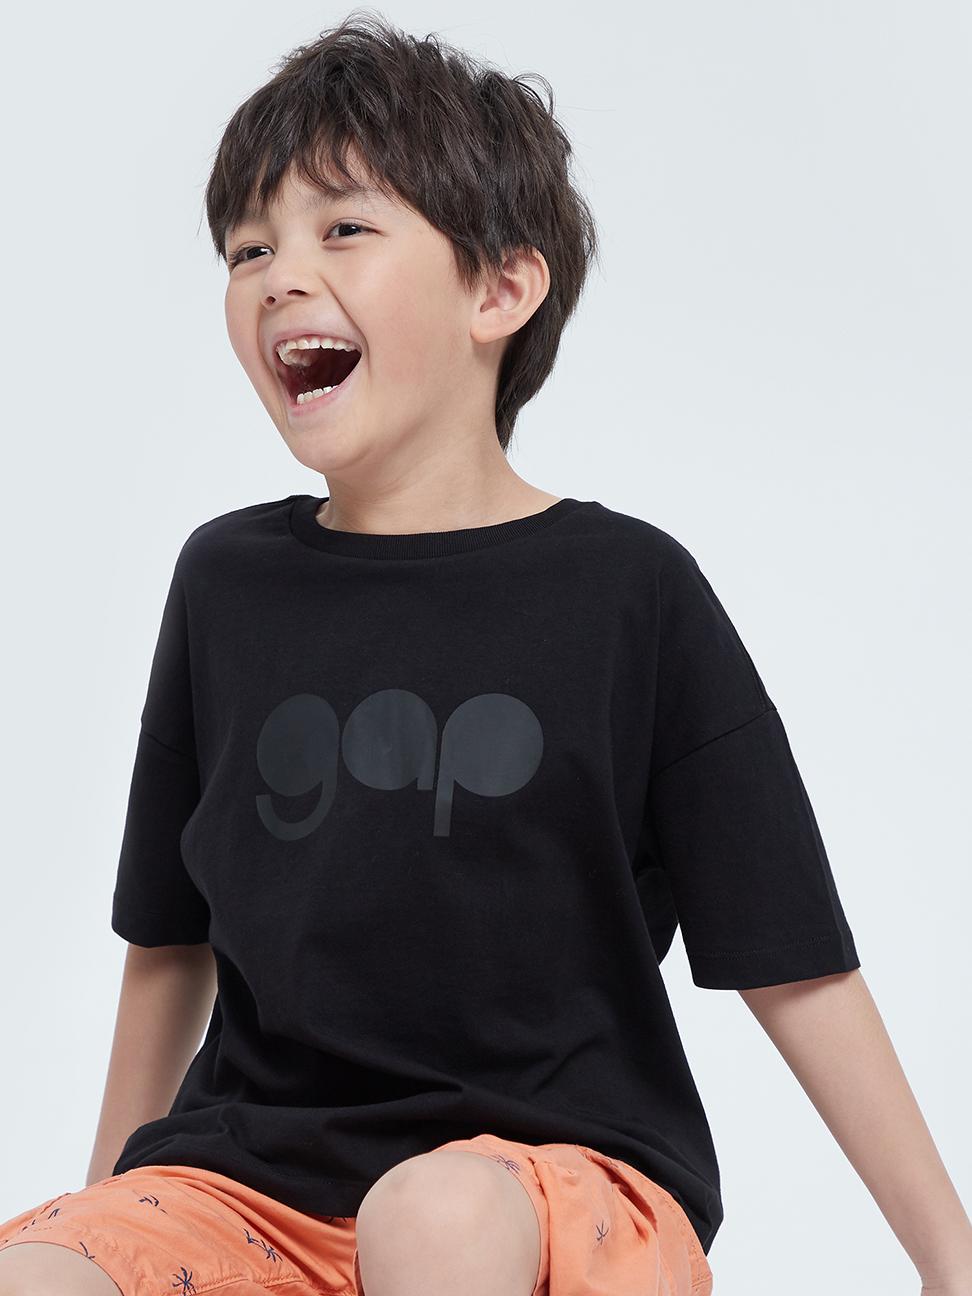 男童 Logo純棉圓領短袖T恤